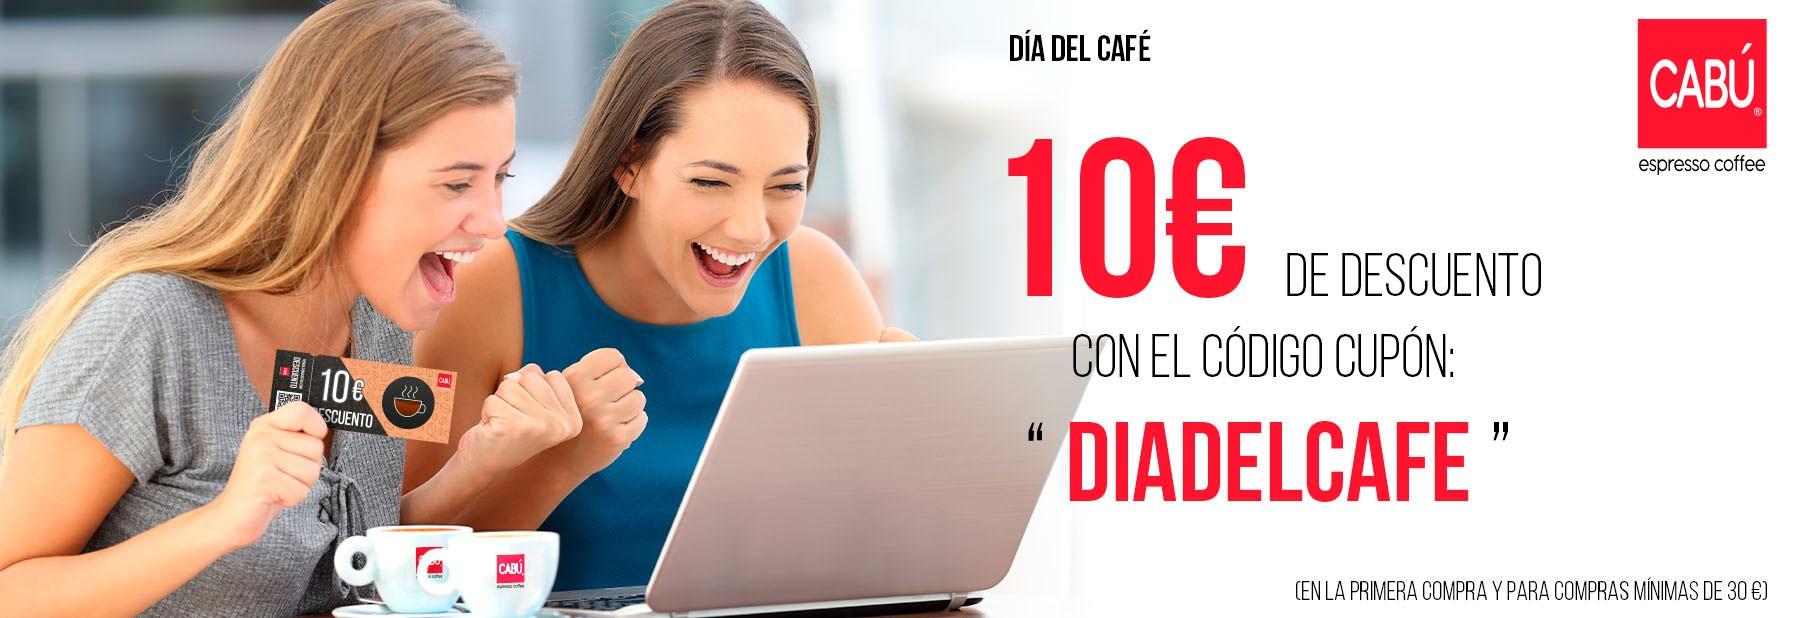 150 cápsulas Cabu Coffe compatibles Nespresso por 20€ puesto en casa... ¡y más! (AMPLIADO)